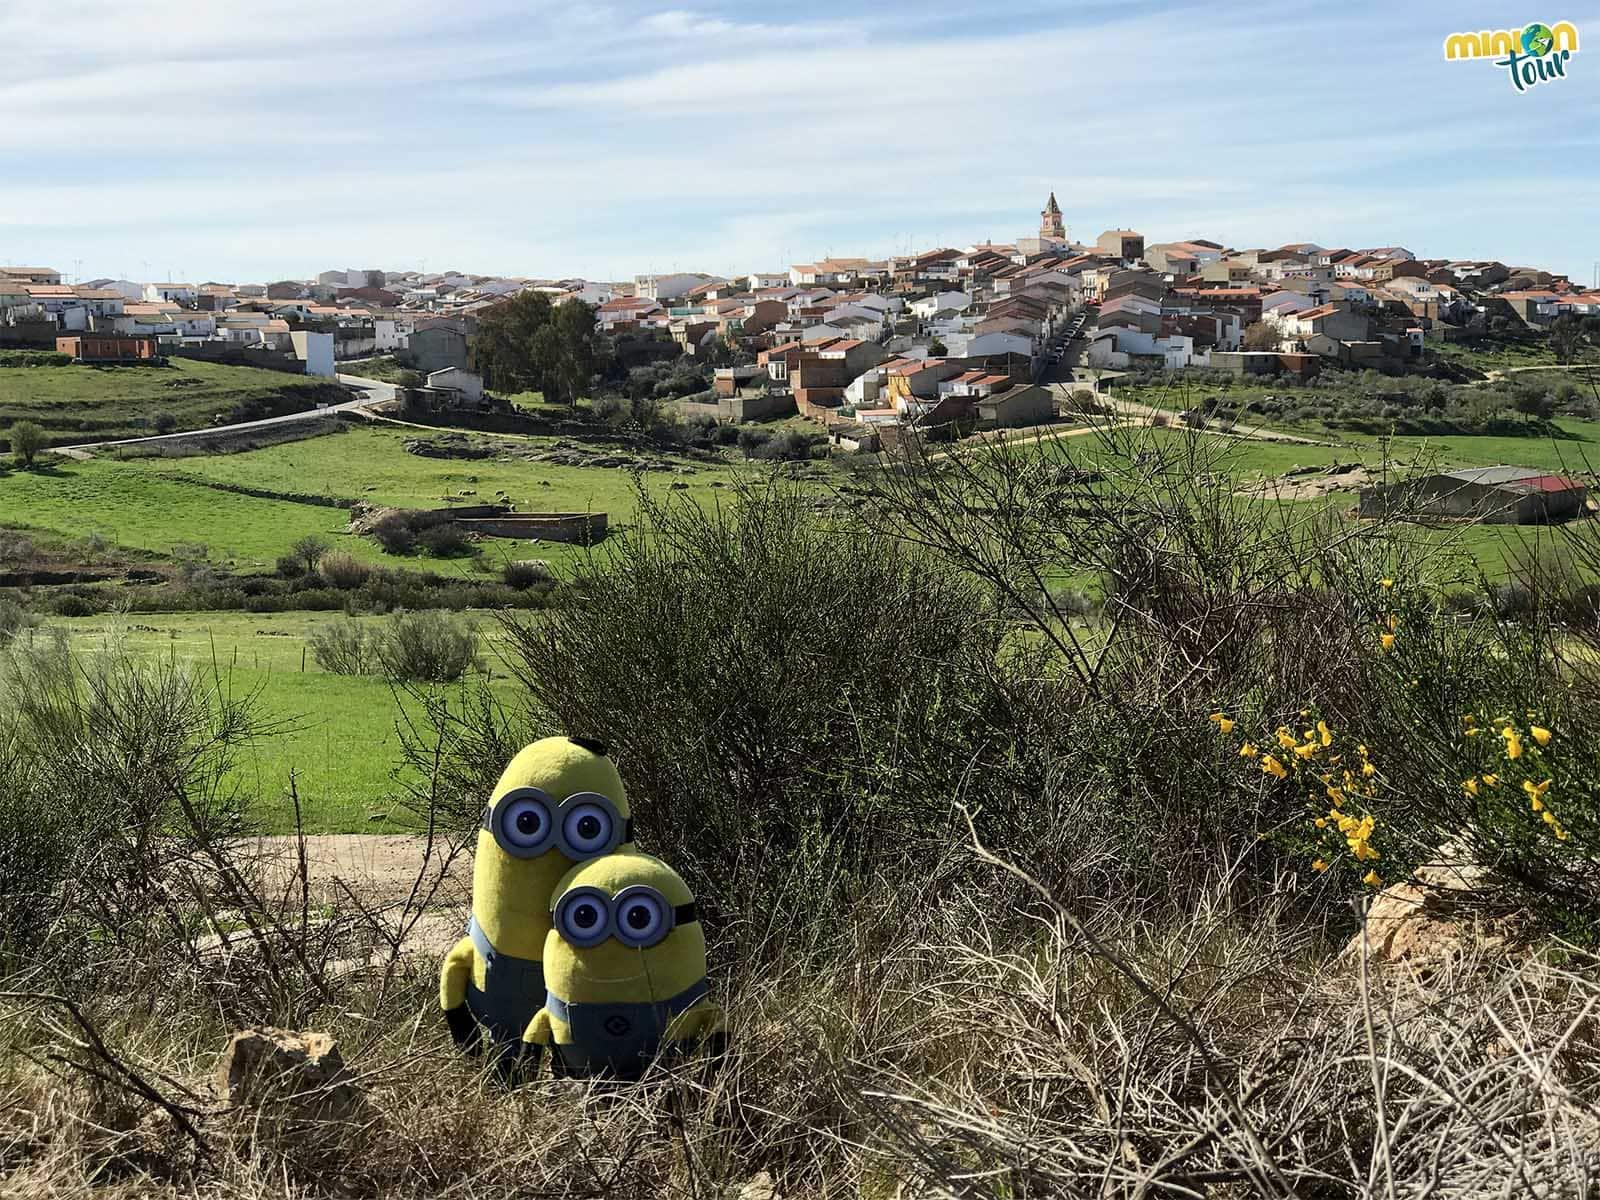 En nuestra ruta por La Serena Extremeña nos encontramos con esta vista tan chula de Valle de La Serena